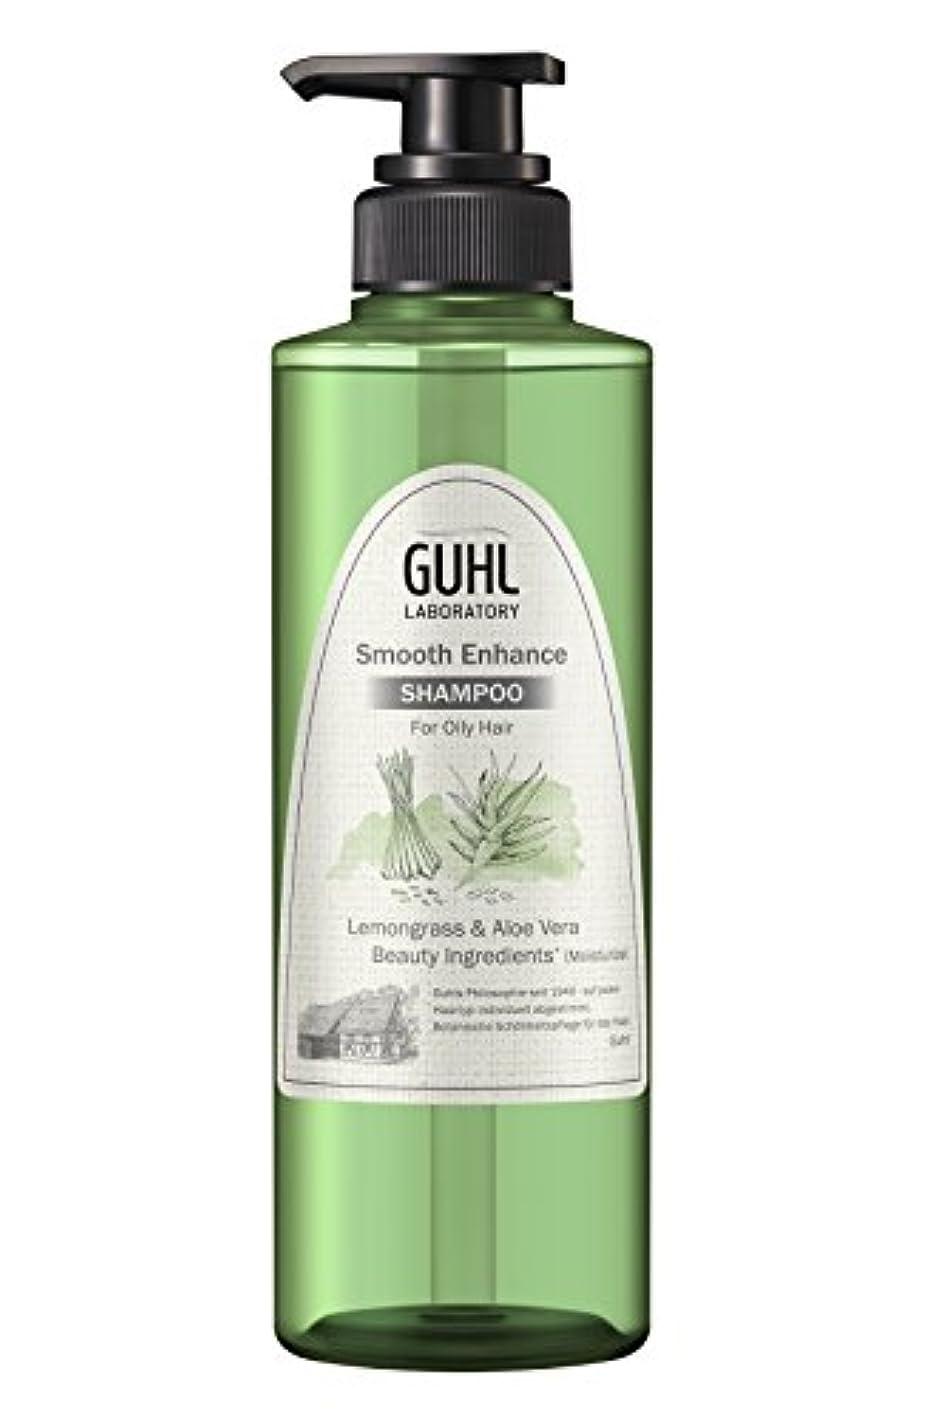 すぐに周囲極端なグール ラボラトリー シャンプー (ベタつきがちな髪に) 植物美容 ヘアケア [ノンシリコン 処方] スムースエンハンス 430ml